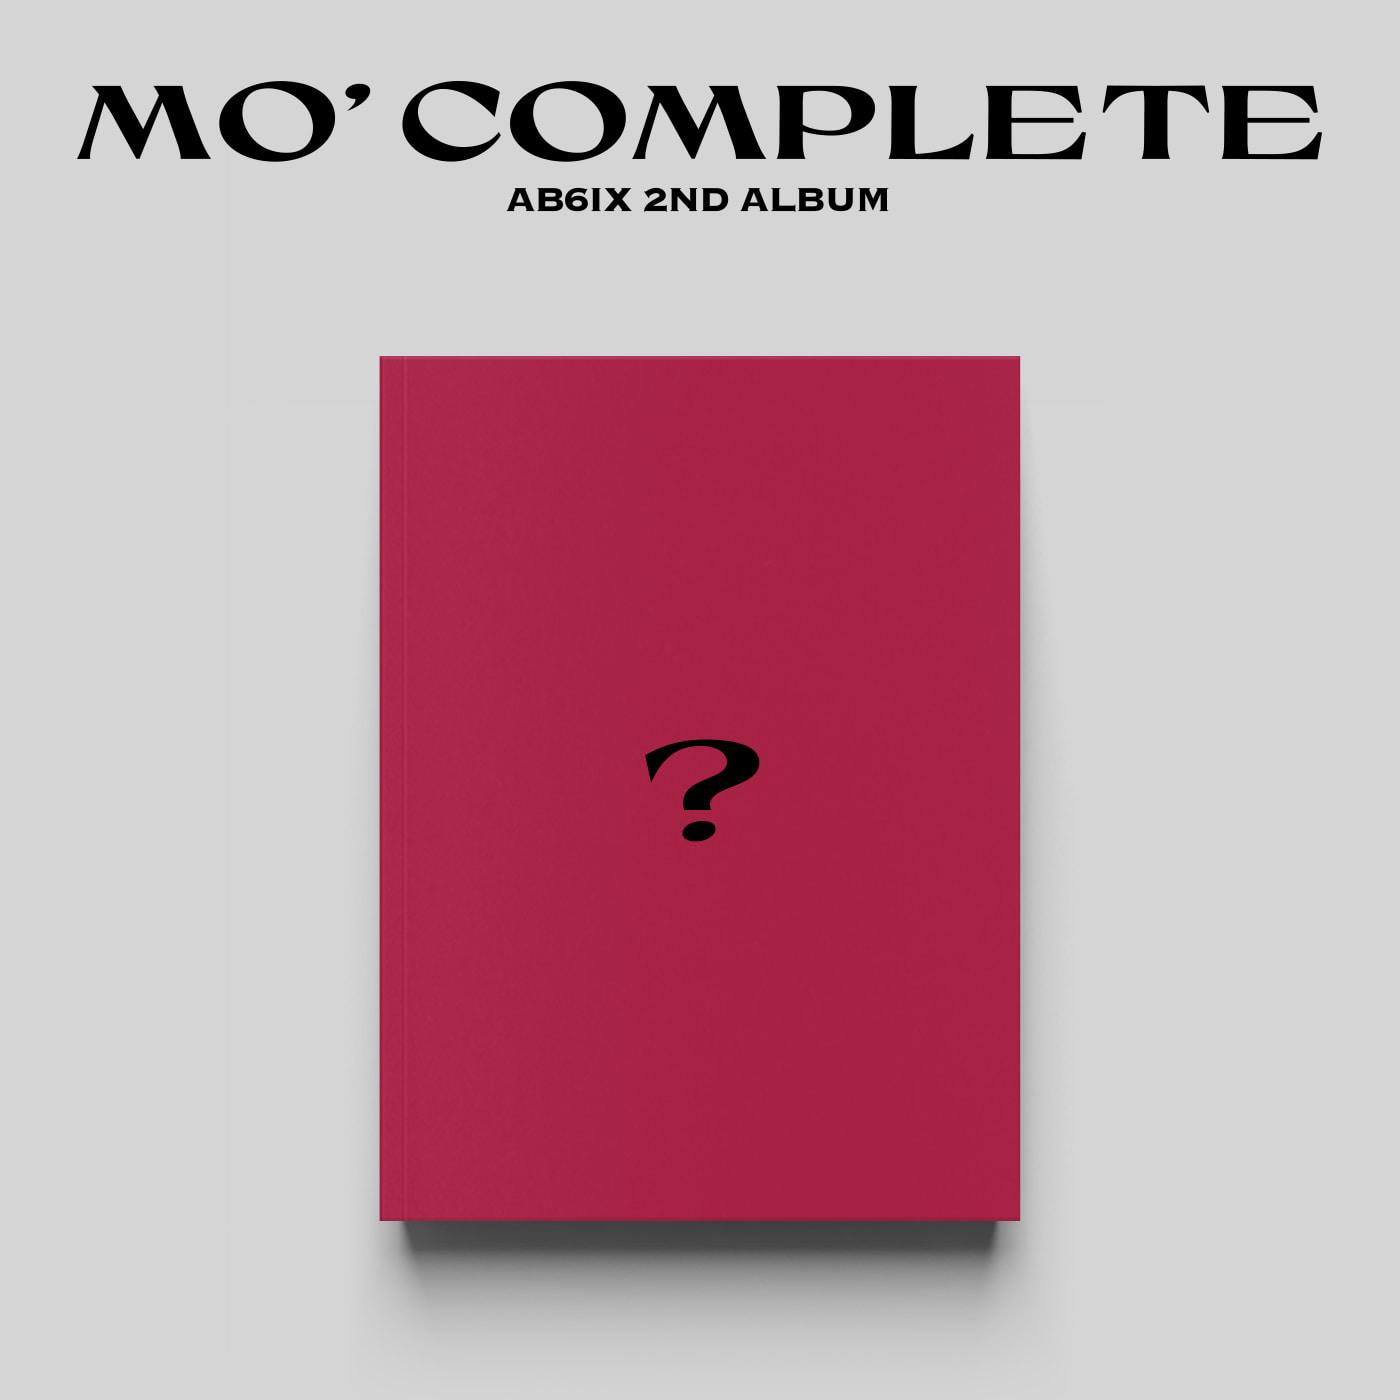 에이비식스(AB6IX) - 2ND ALBUM [MO' COMPLETE] (S Ver.)케이팝스토어(kpop store)